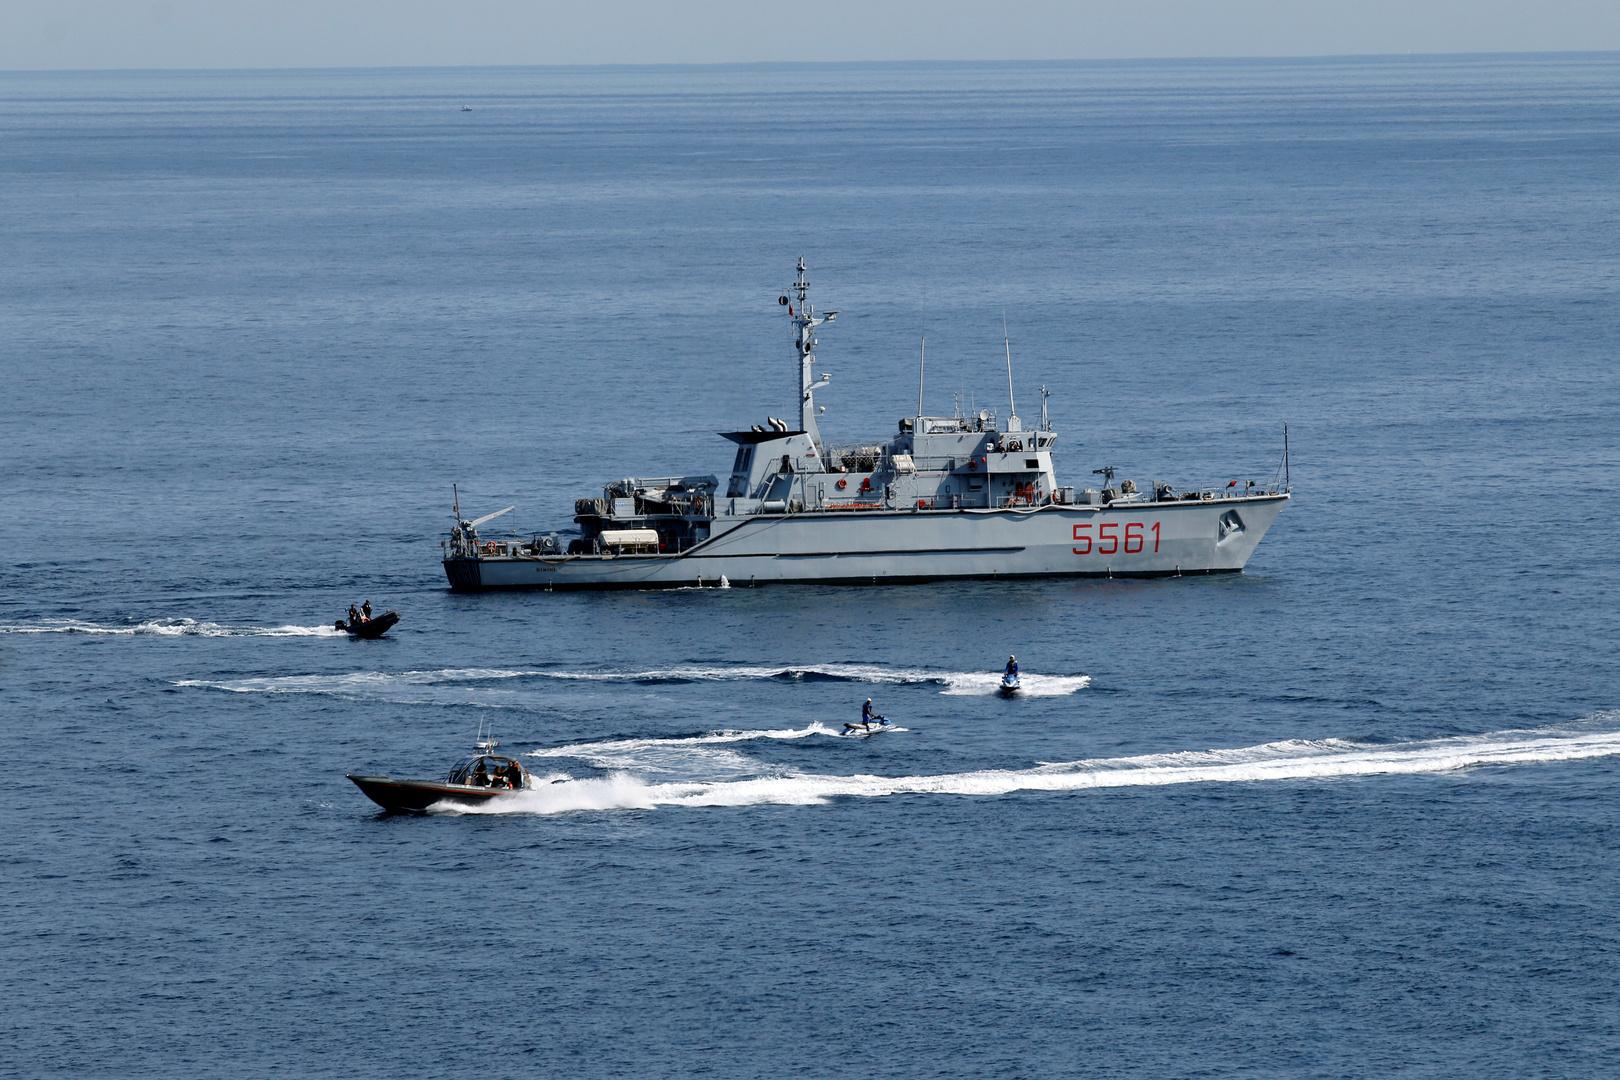 البحرية الإيطالية تعلن عن تدخلها لتجنب اعتراض زورق ليبي لقوارب صيد إيطالية